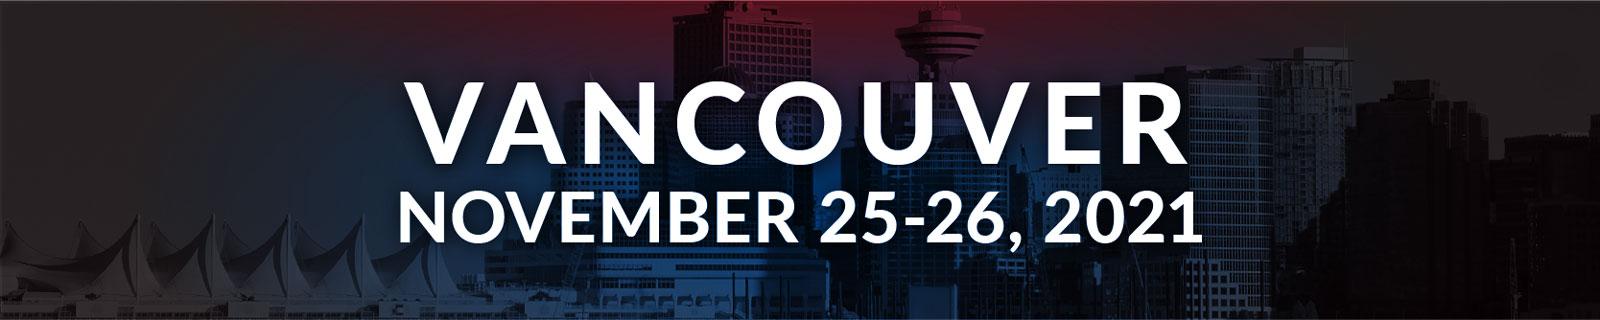 BTF VANCOUVER - Nov 24-25